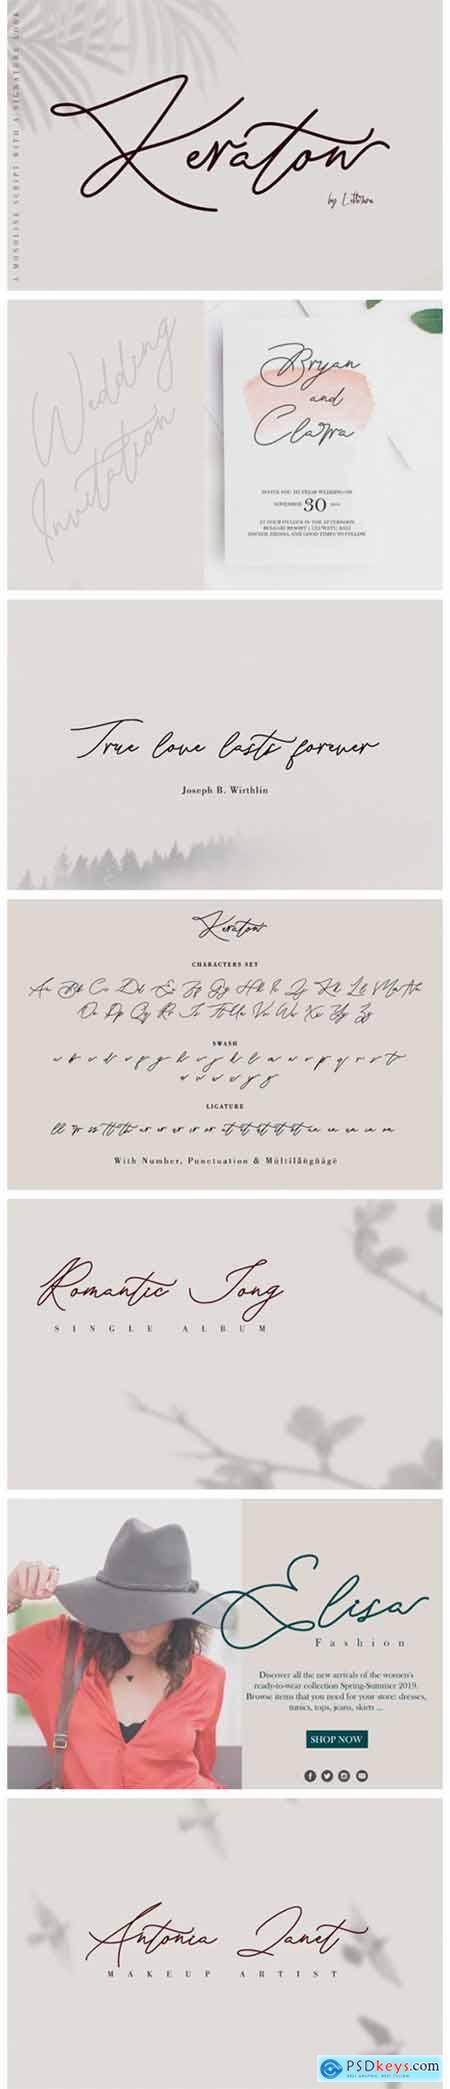 Keraton Font